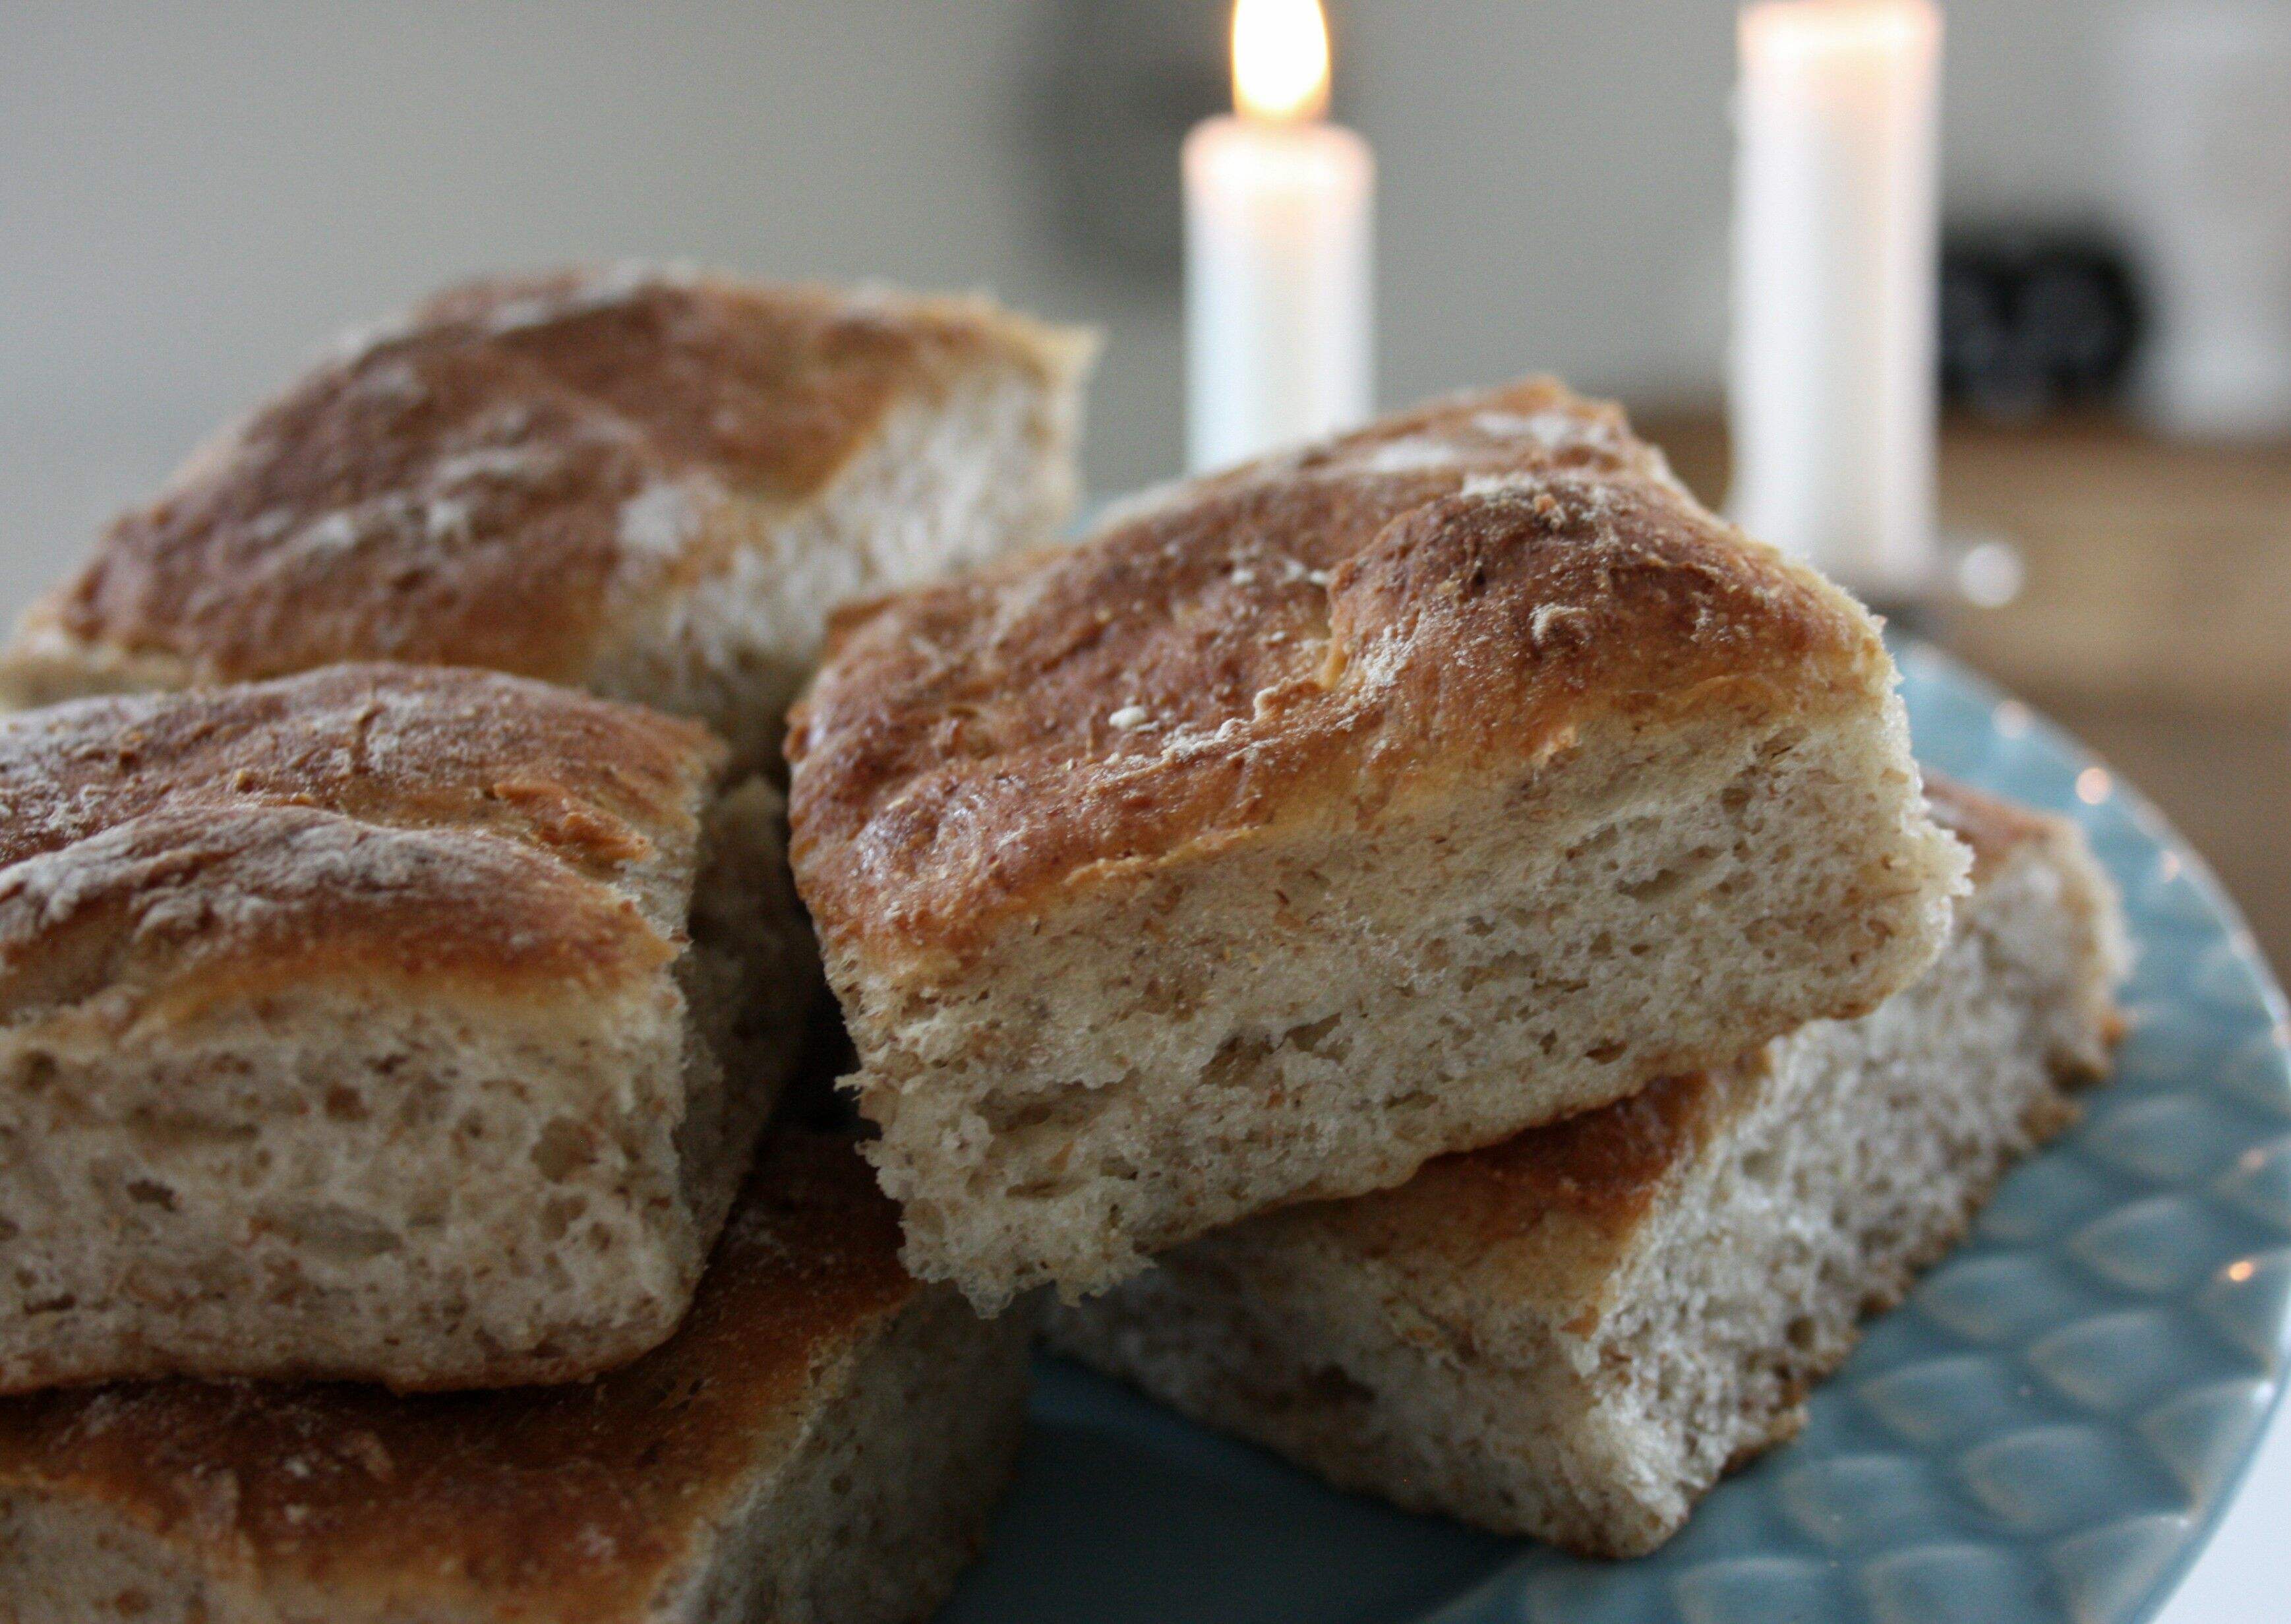 långpanna brödet